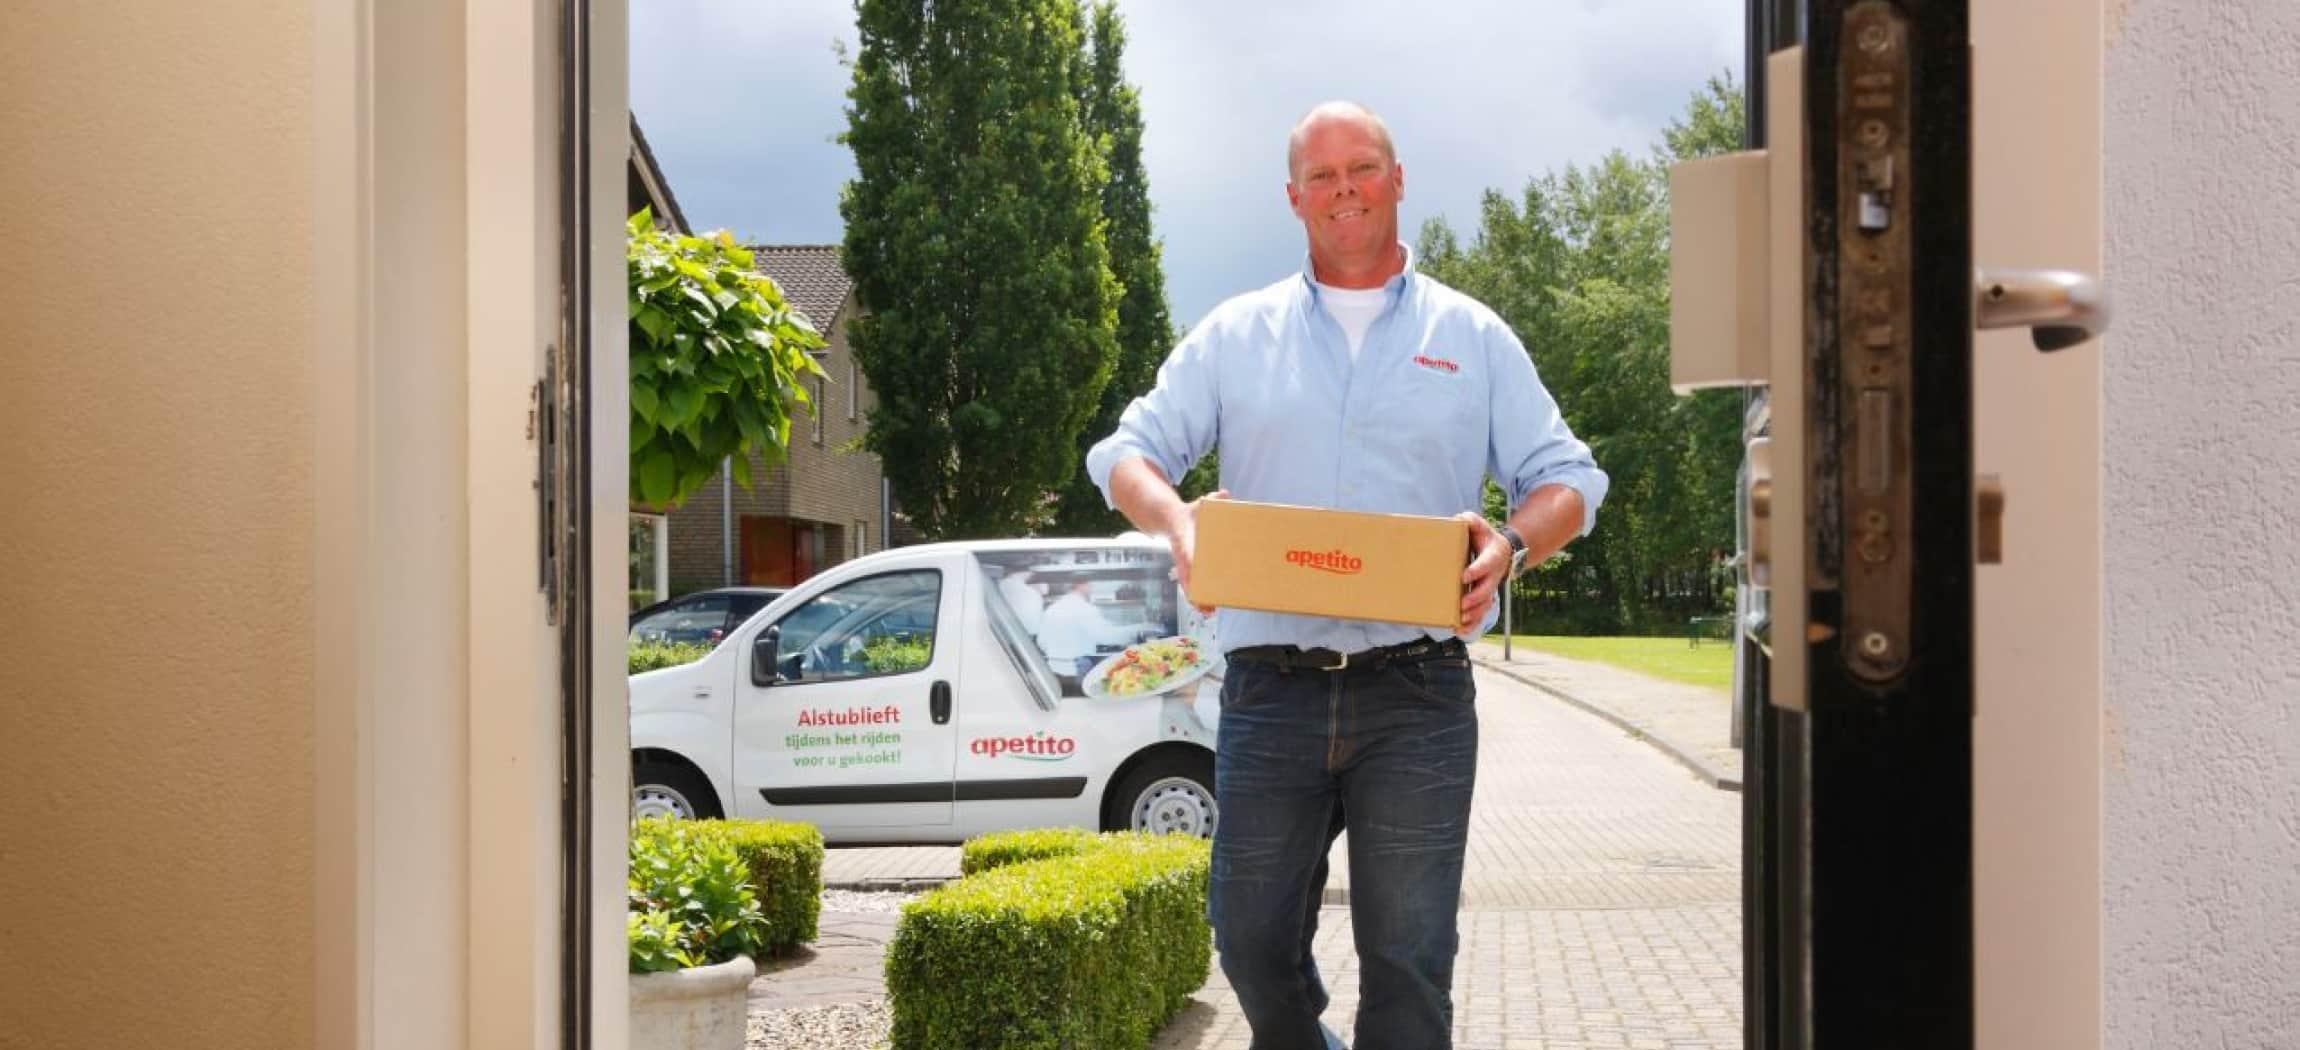 Mannelijke thuisbezorger met doos Apetito aan voordeur met witte bezorgauto